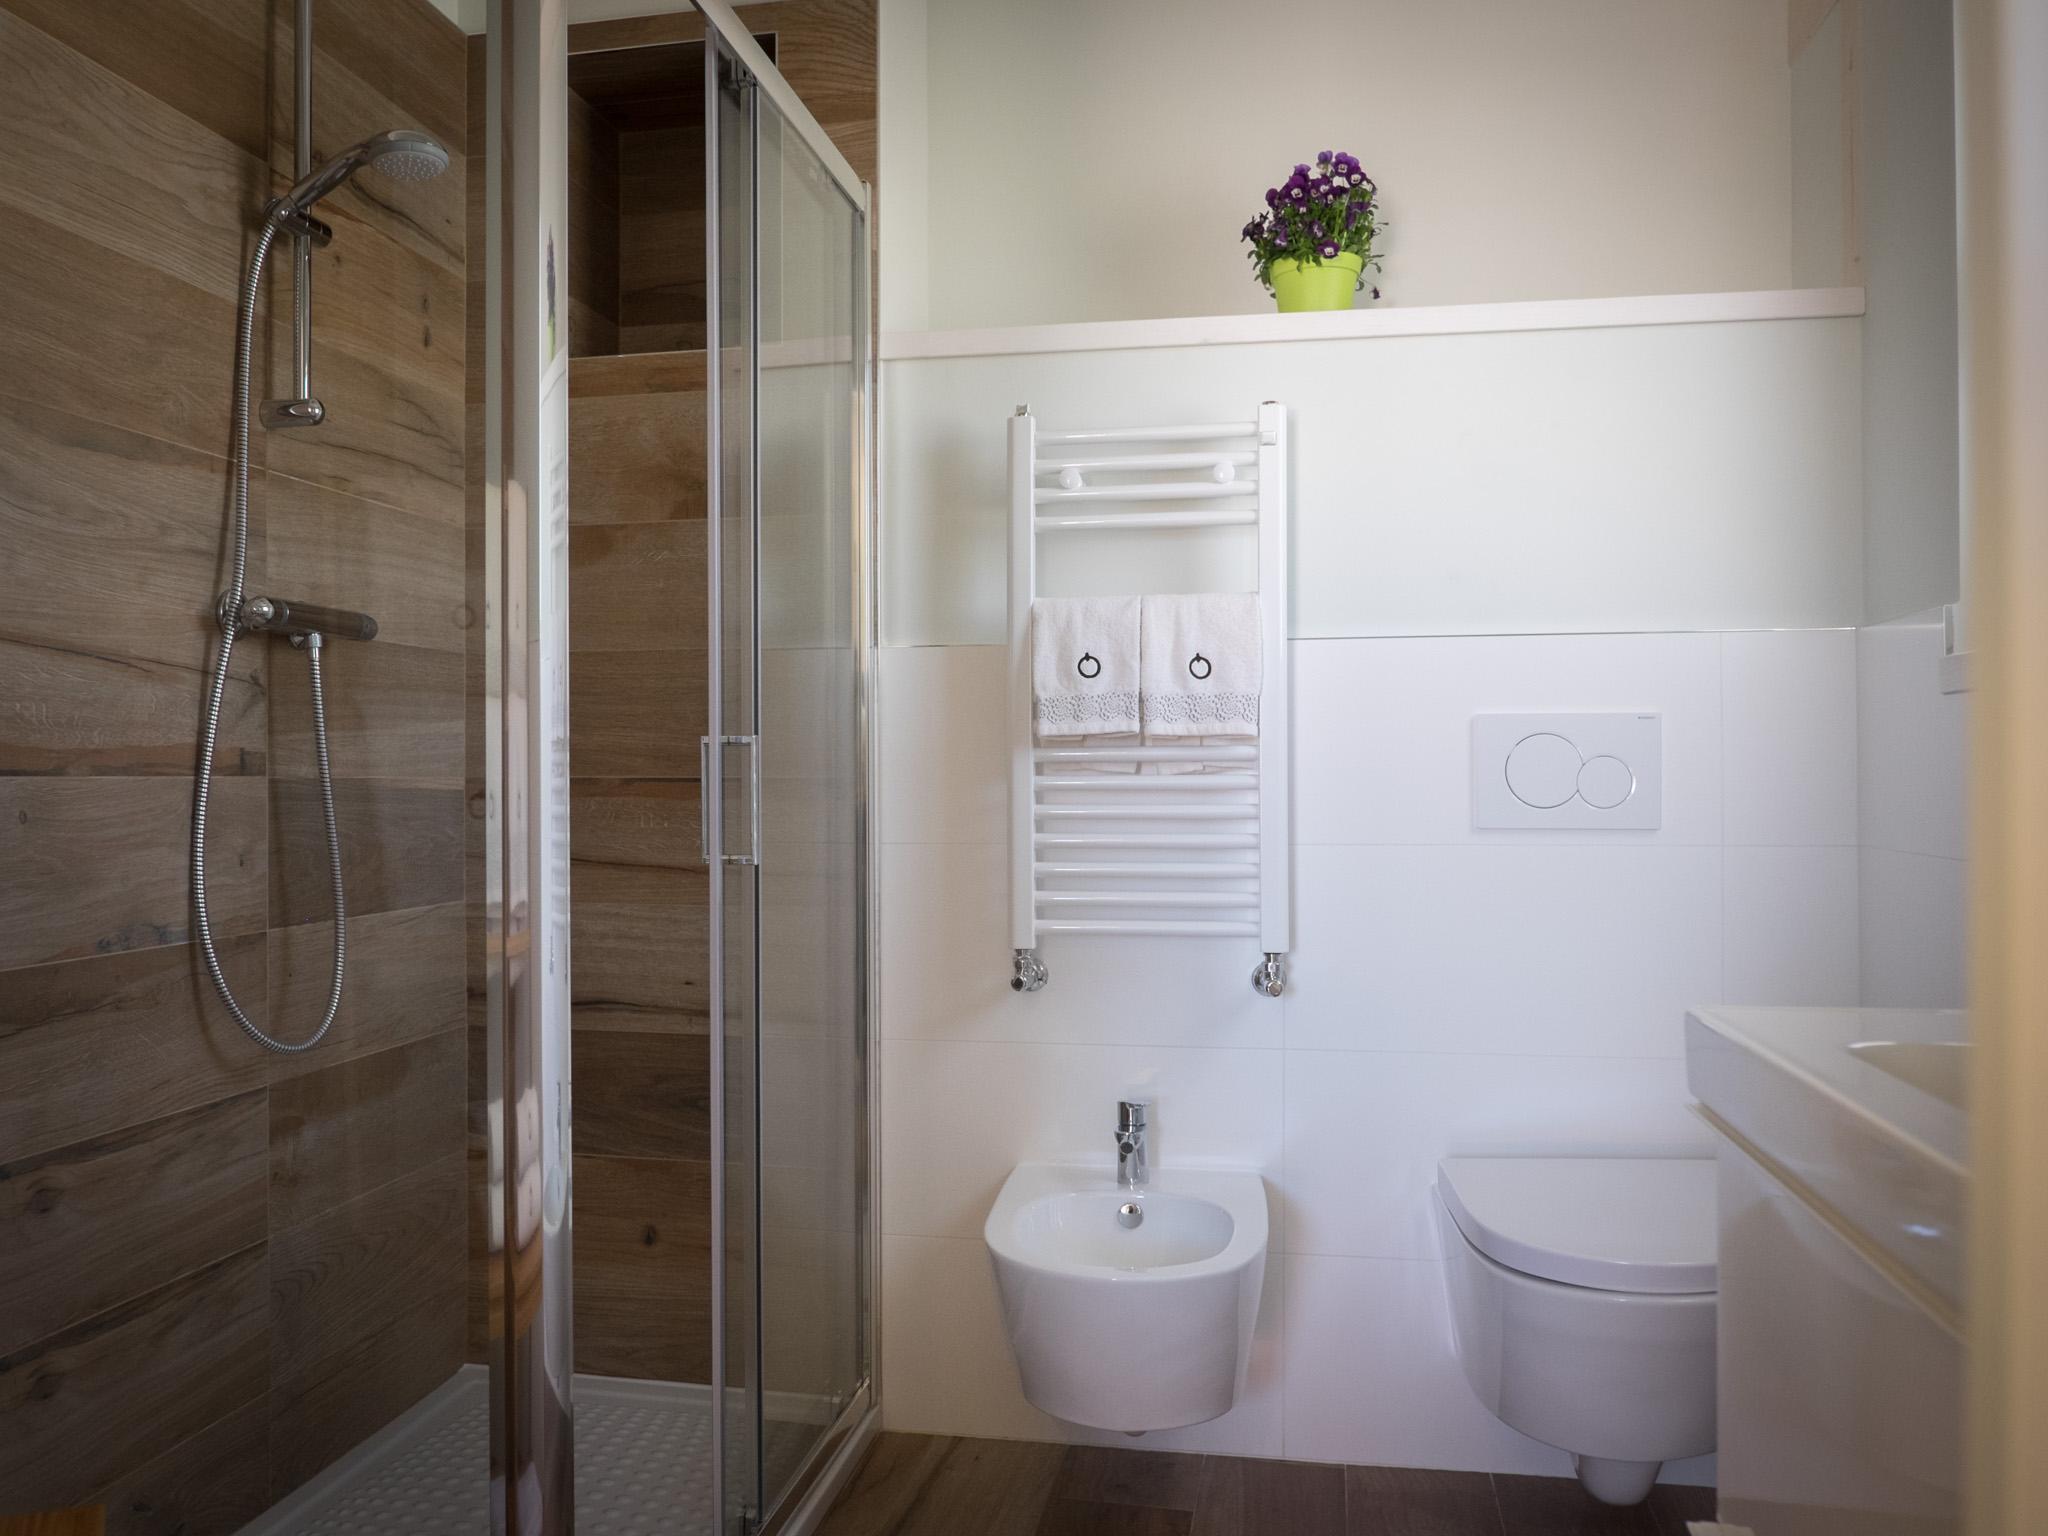 sanniti apartments la-casa-dei-nonni-casa-vacanze-bb-camere-dormire-sassi-di-matera-basilicata-12